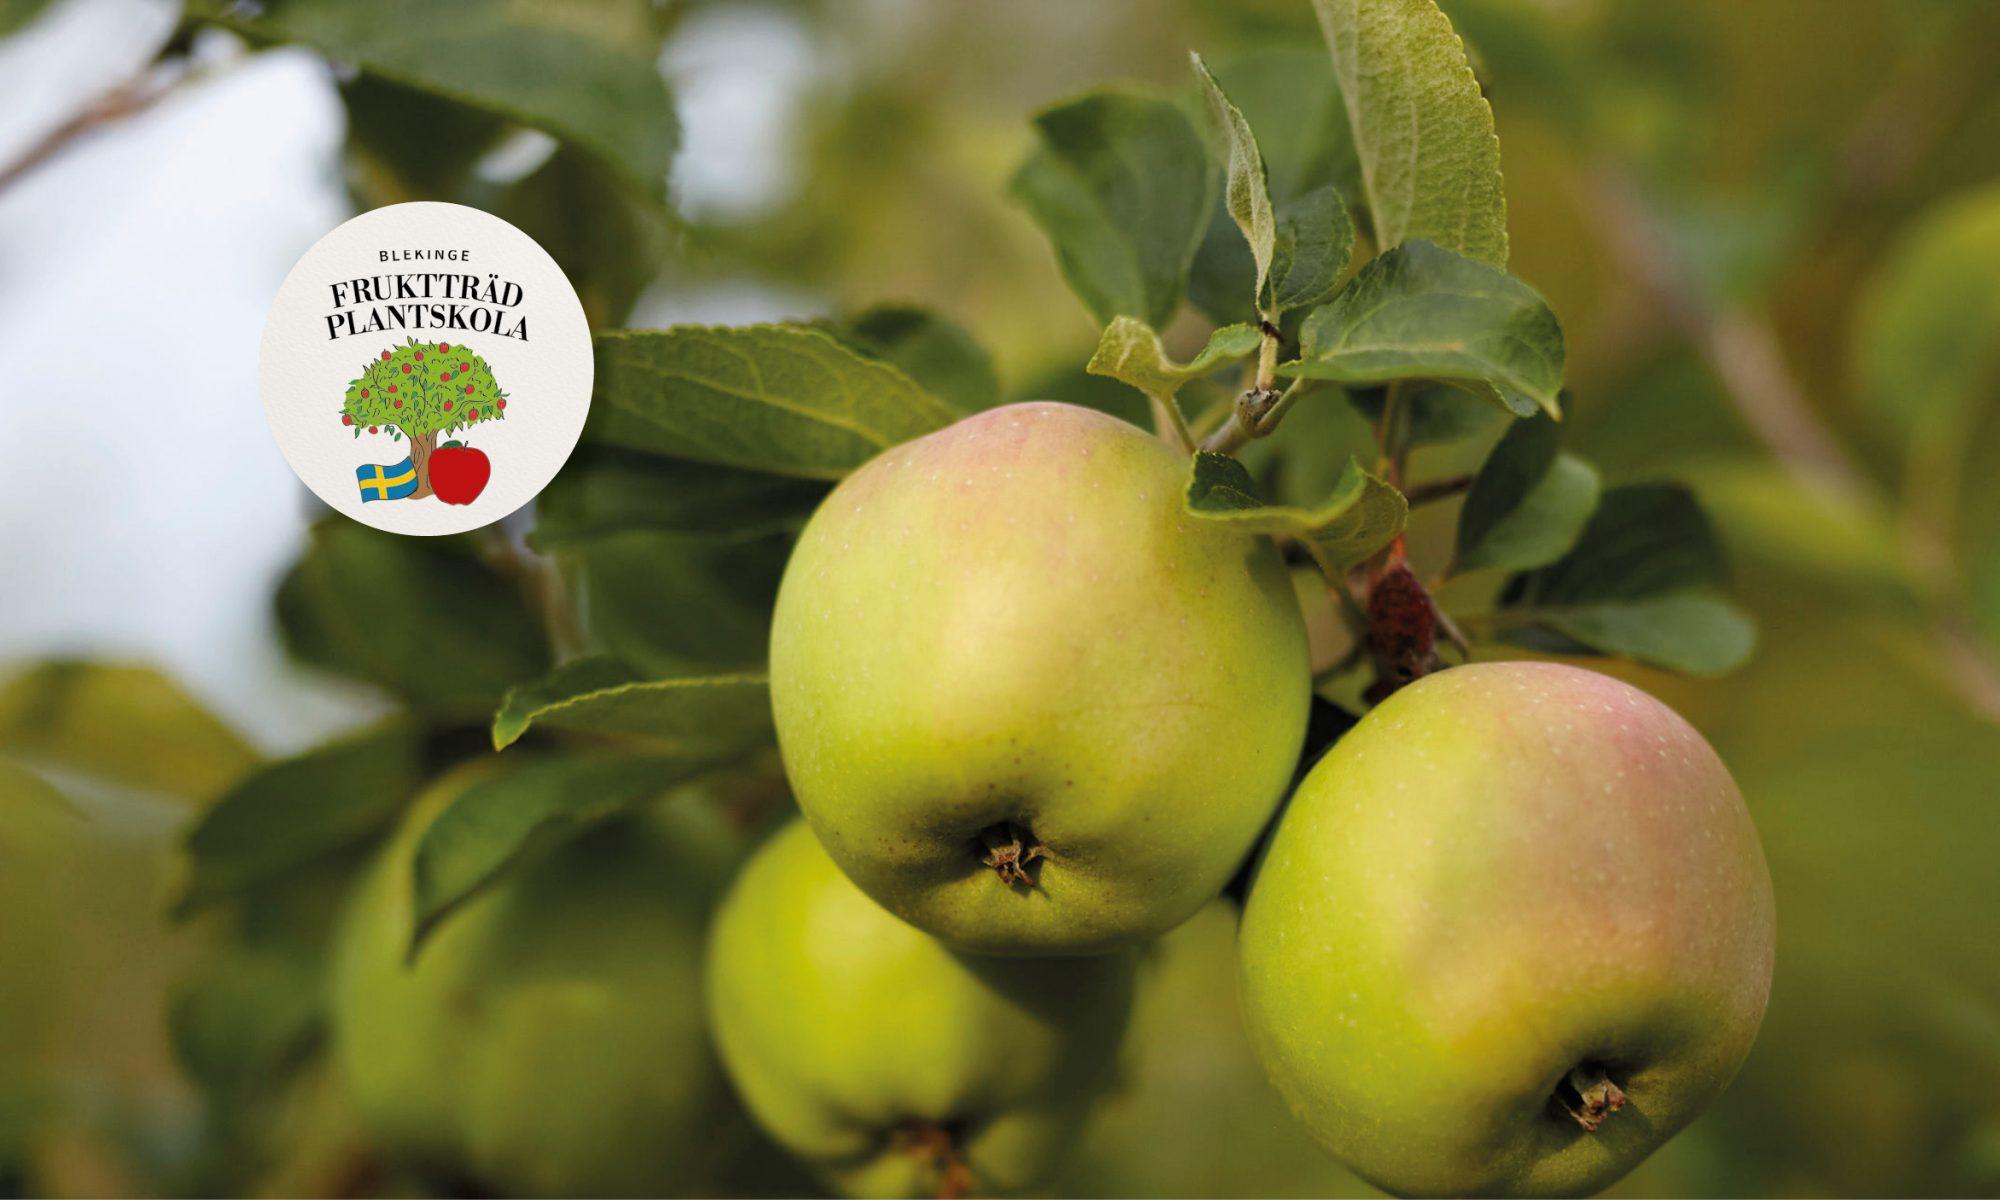 Blekinge Fruktträd Plantskola